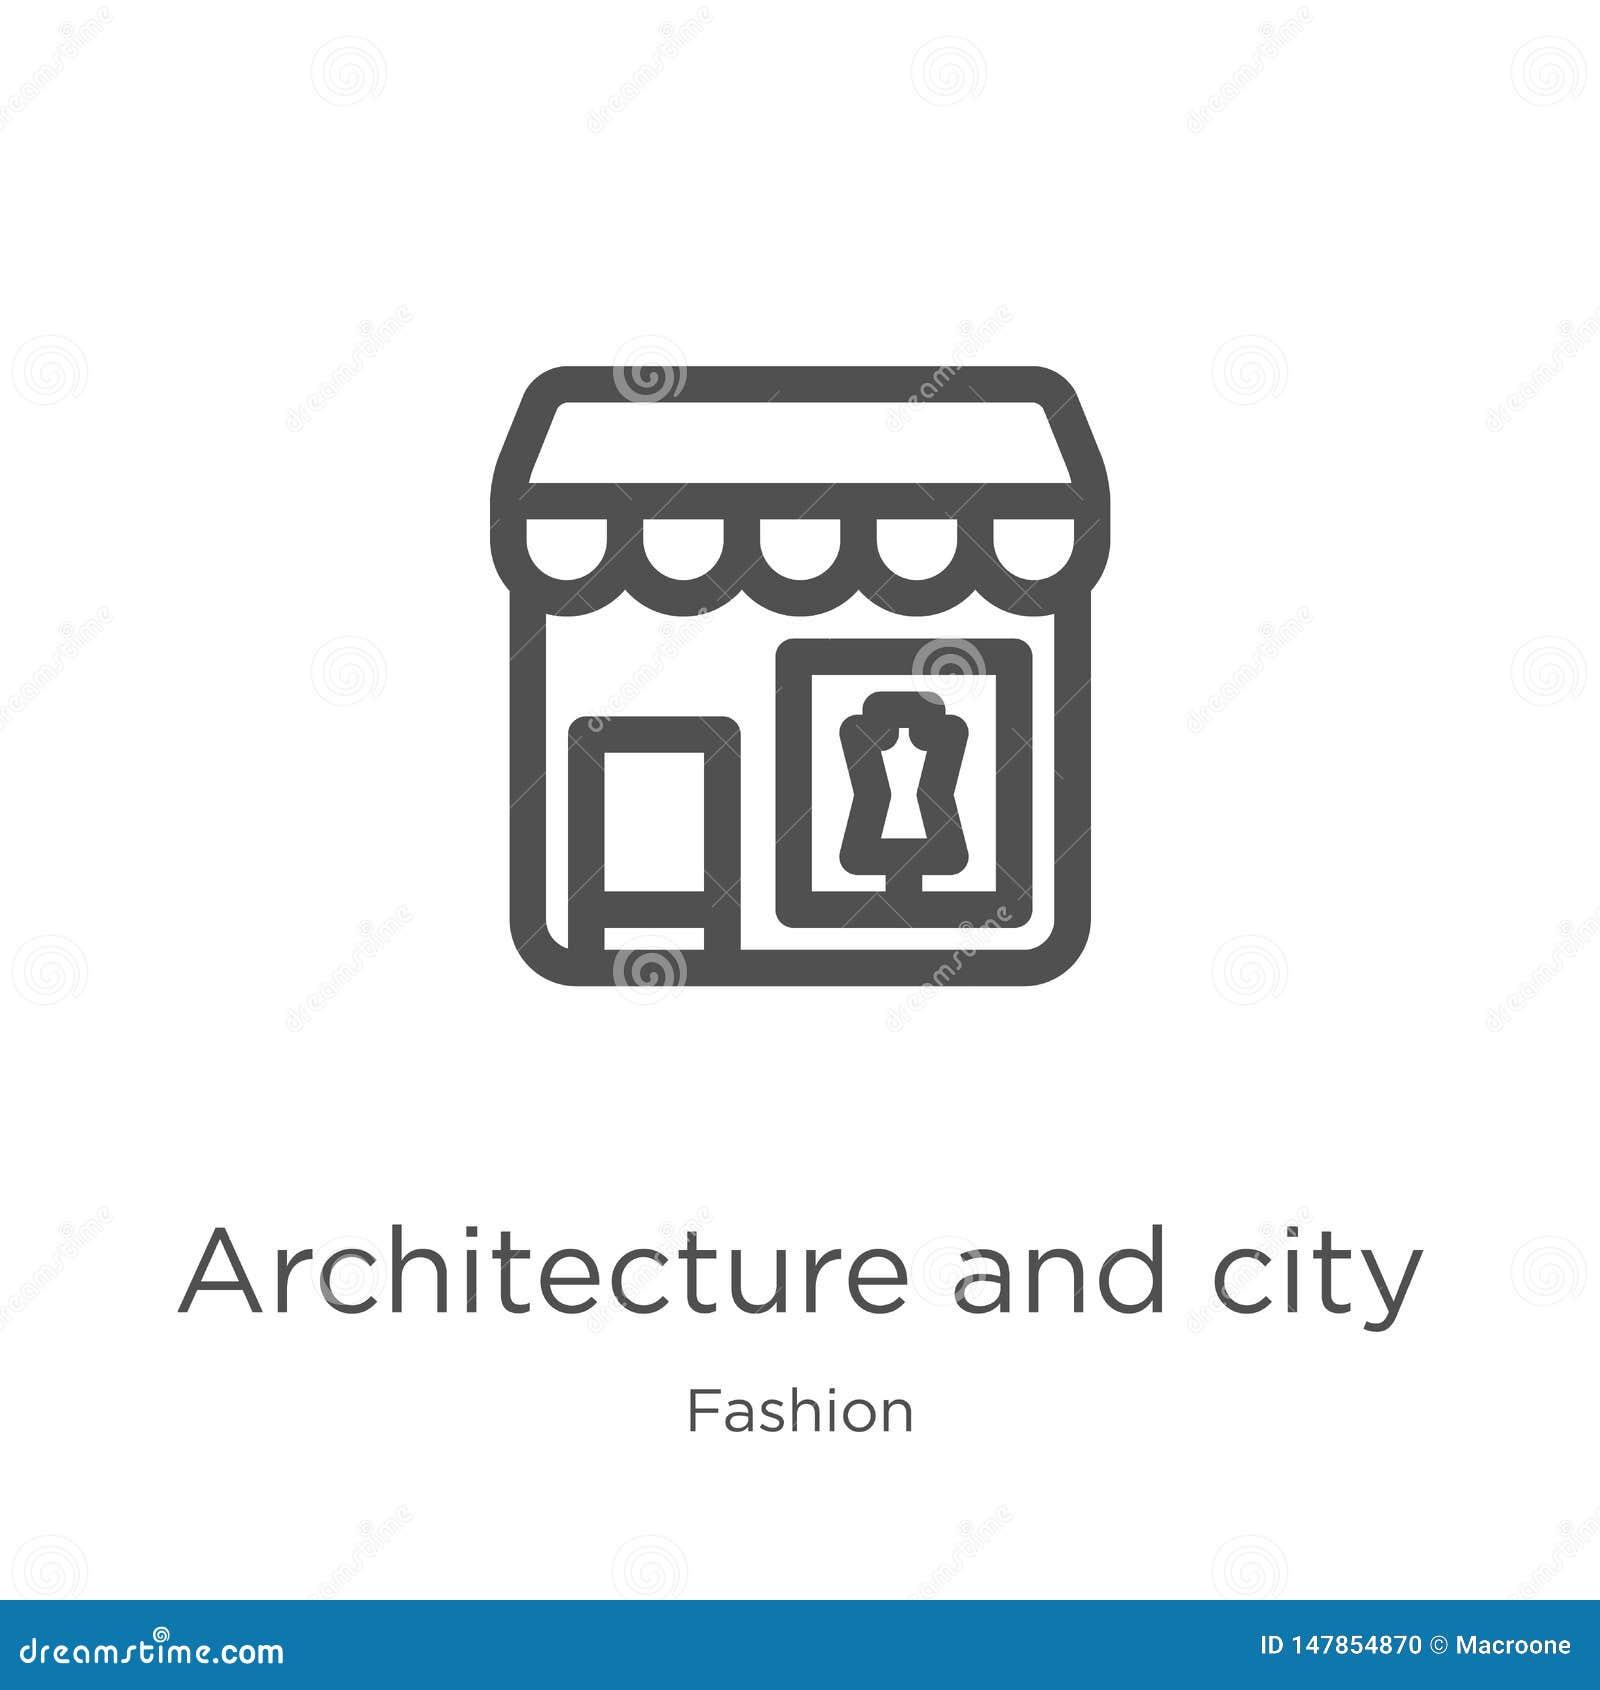 Vetor da arquitetura e do ícone da cidade da coleção da forma Linha fina arquitetura e ilustração do vetor do ícone do esboço da